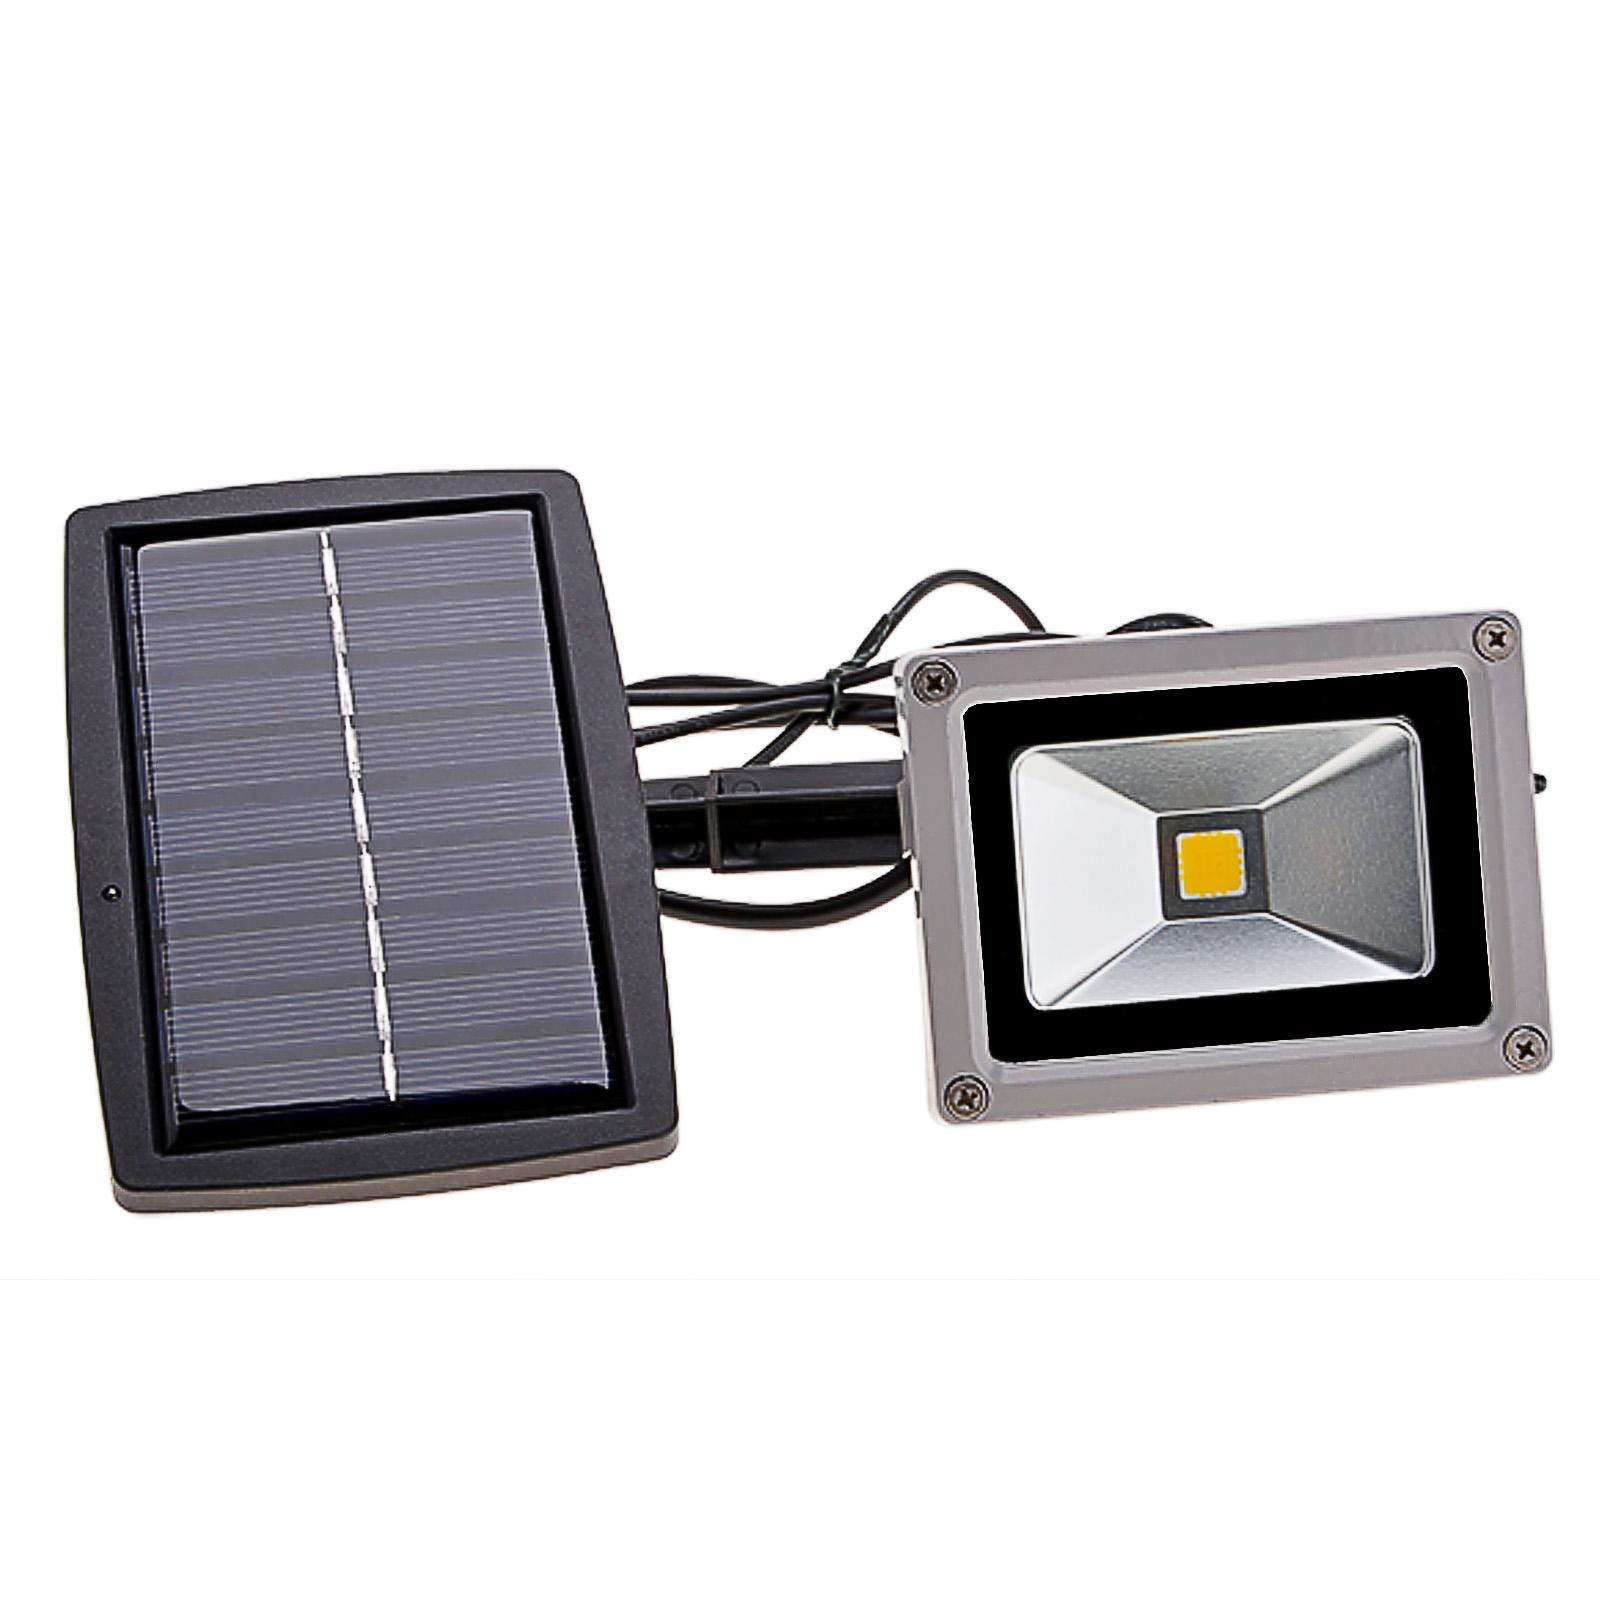 10W Solar Power LED Flood Night Light Garden Spotlight Waterproof Outdoor Lamp Warm White WSY by